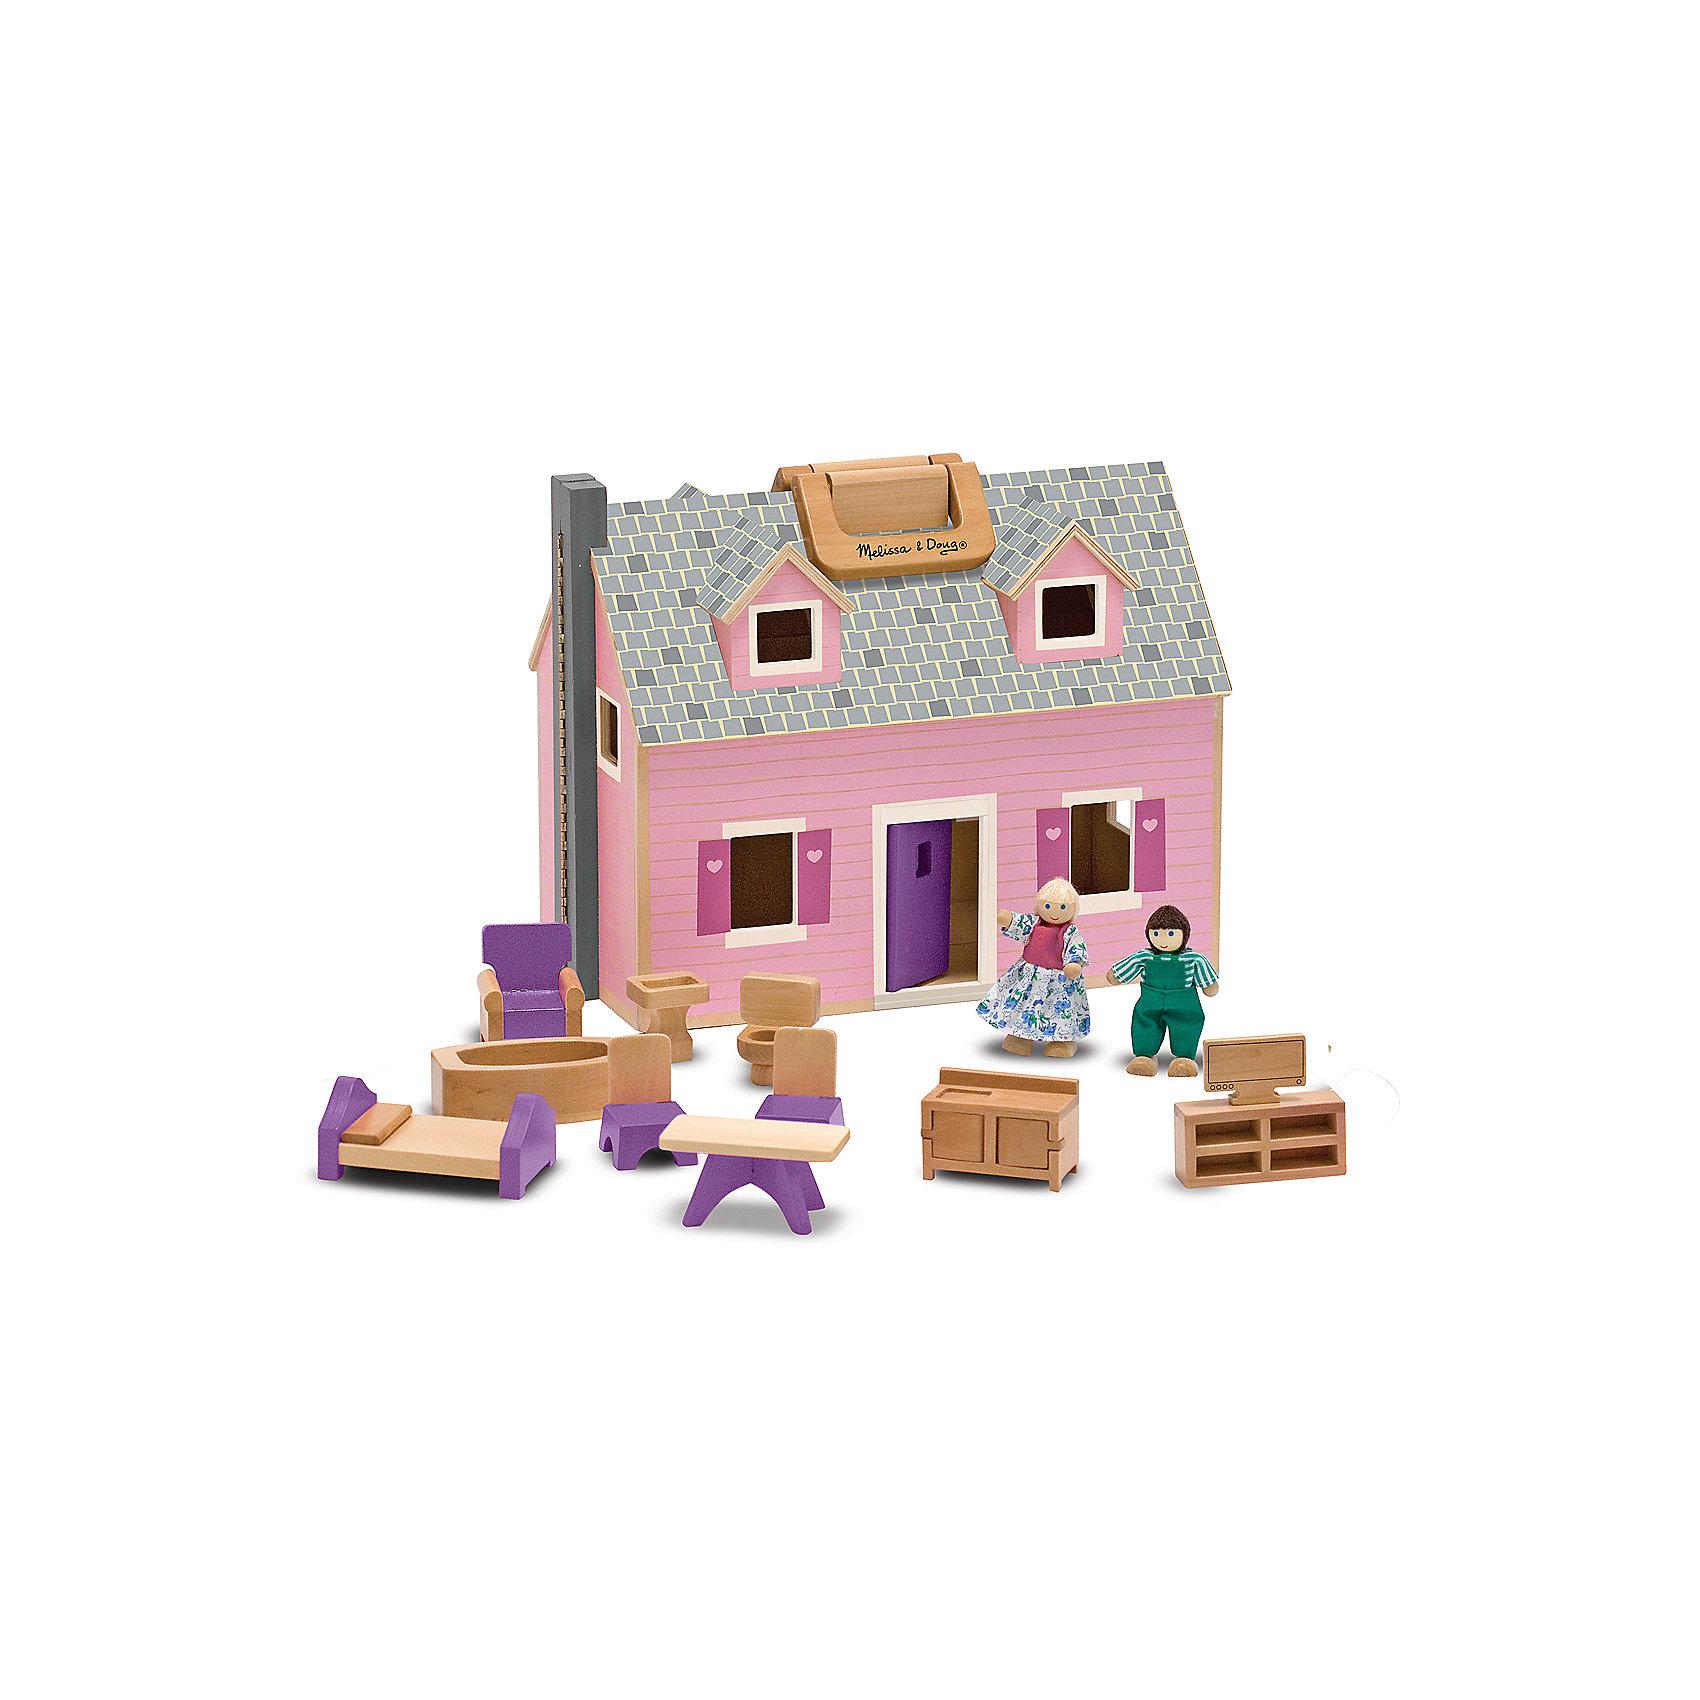 Домик для кукол, Melissa &amp; DougИдеи подарков<br>Потрясающая игрушка для девочки - деревянный домик для кукол от известного бренда Melissa &amp; Doug. В этом замечательном двухэтажном розовом домике живут 2 деревянных человечка с подвижными деталями. Также в наборе есть 11 предметов мебели из дерева - кровать, кресло, стол, стулья и т.д. Домик можно раскрыть посередине, чтобы было удобнее играть, либо закрыть и перенести куда-либо с помощью ручки. Игрушка обладает следующими особенностями:<br>- экологически чистые материалы, безопасные красители;<br>- приятная расцветка;<br>- надежные замочки, удобная ручка;<br>- в комплекте: 1 домик, 2 куколки и 11 предметов мебели - все выполнено из дерева.<br>Мечта каждой девочки!<br><br>Дополнительная информация:<br>- вес: 2107 гр;<br>- габариты: 270х340х200 мм;<br>- рекомендуемый возраст: от 3 лет.<br><br>Домик для кукол Melissa &amp; Doug можно купить в нашем магазине<br><br>Ширина мм: 270<br>Глубина мм: 340<br>Высота мм: 200<br>Вес г: 2107<br>Возраст от месяцев: 36<br>Возраст до месяцев: 72<br>Пол: Женский<br>Возраст: Детский<br>SKU: 3927701